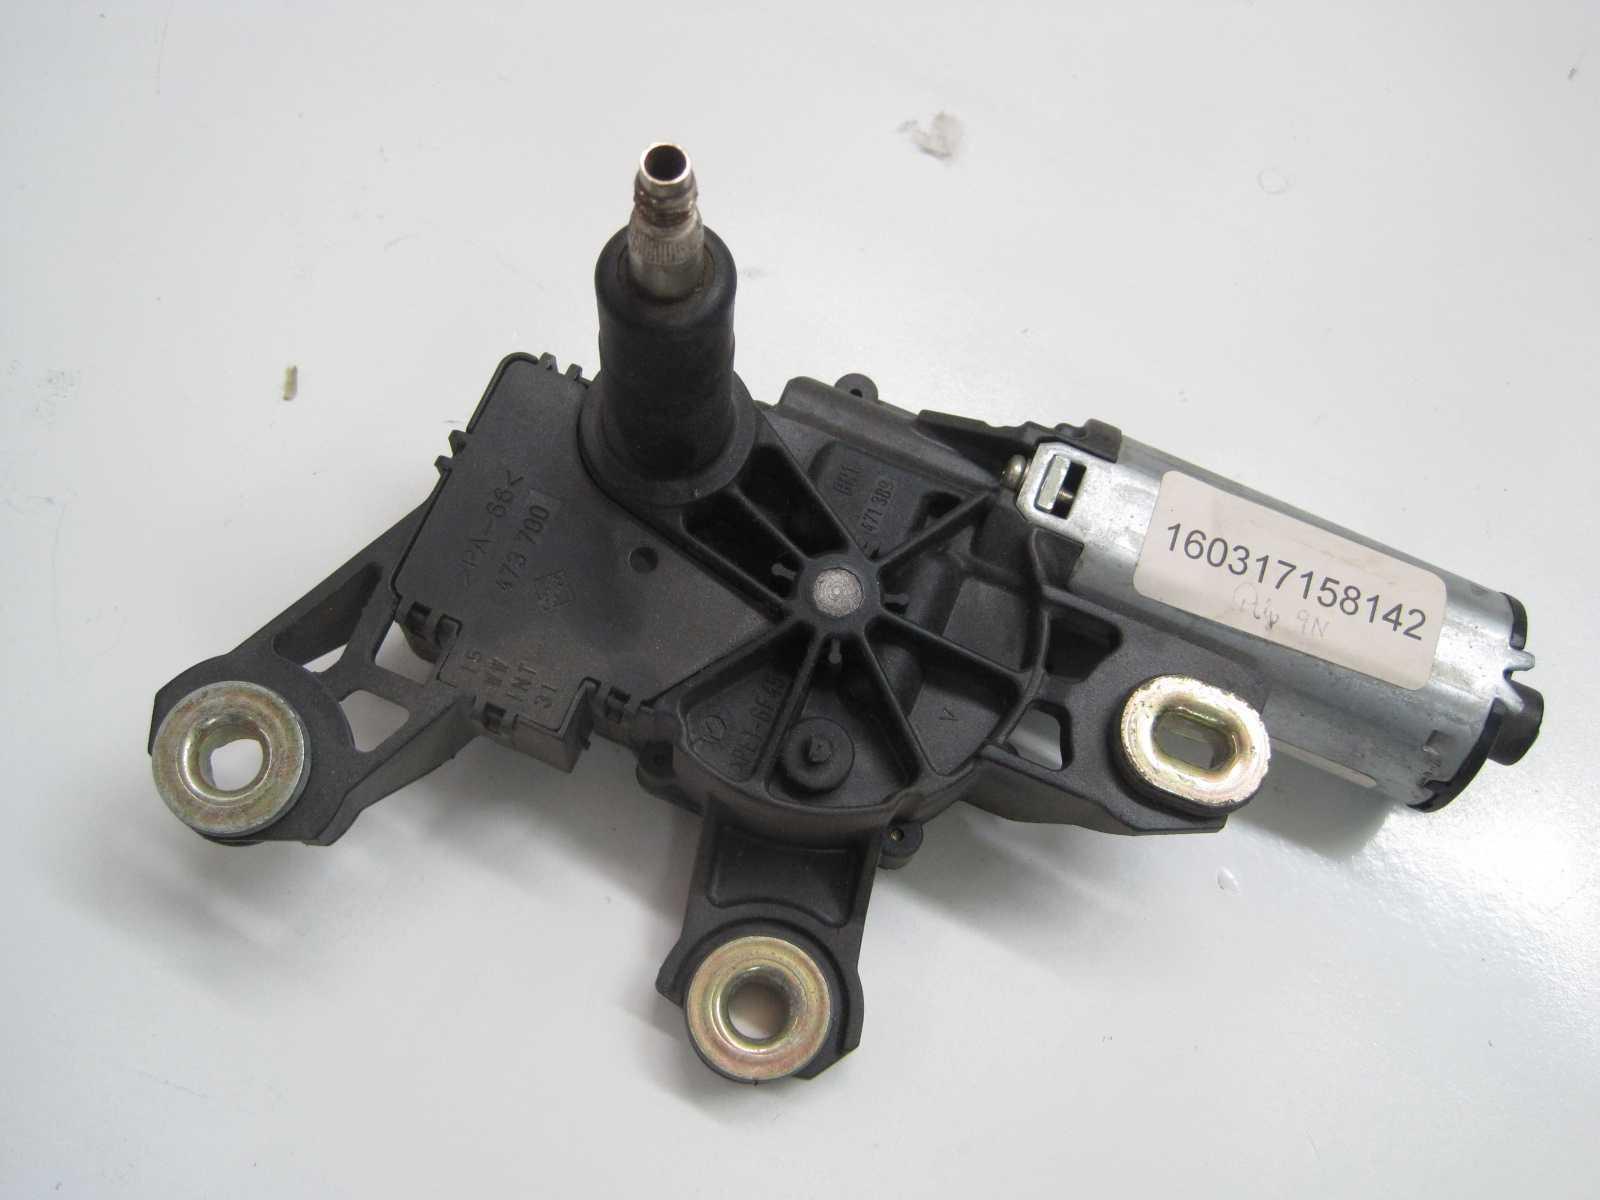 321autoteile kompetenz bei gebrauchten kfz ersatzteilen. Black Bedroom Furniture Sets. Home Design Ideas